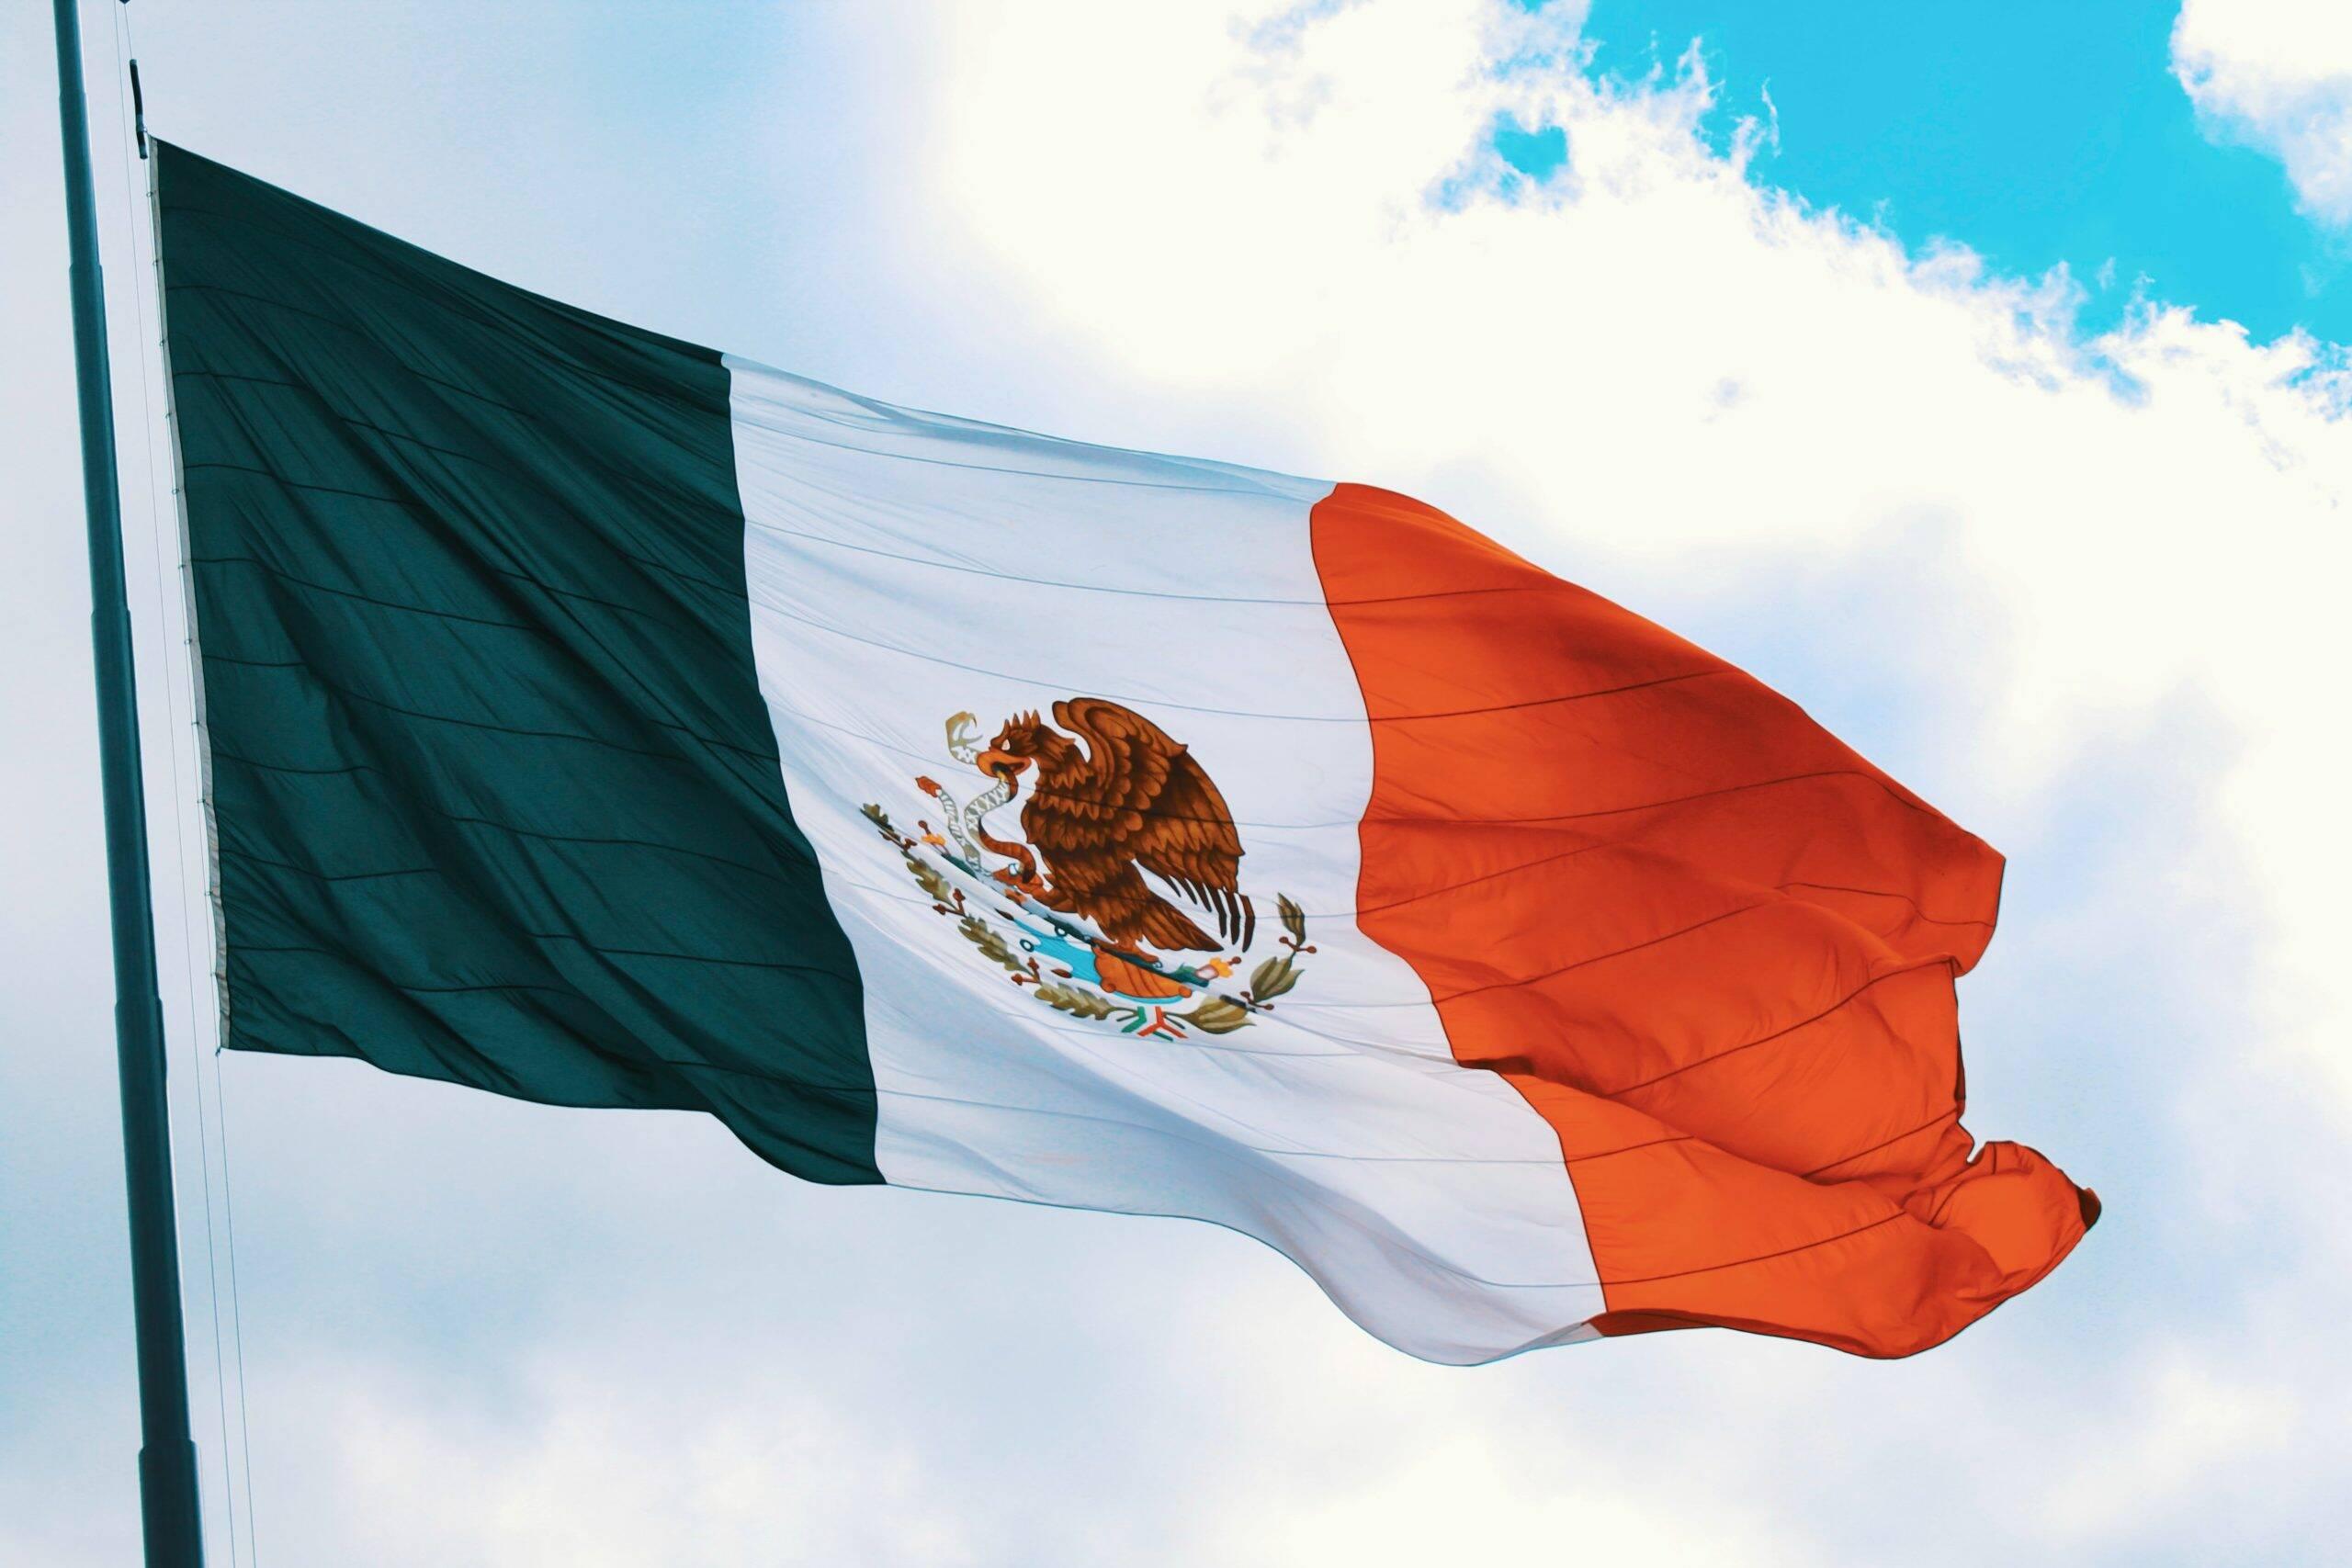 A 12° está ocupada pelo México, que vacinou cerca de 38,78 milhões de habitantes. (Foto: Unsplash)